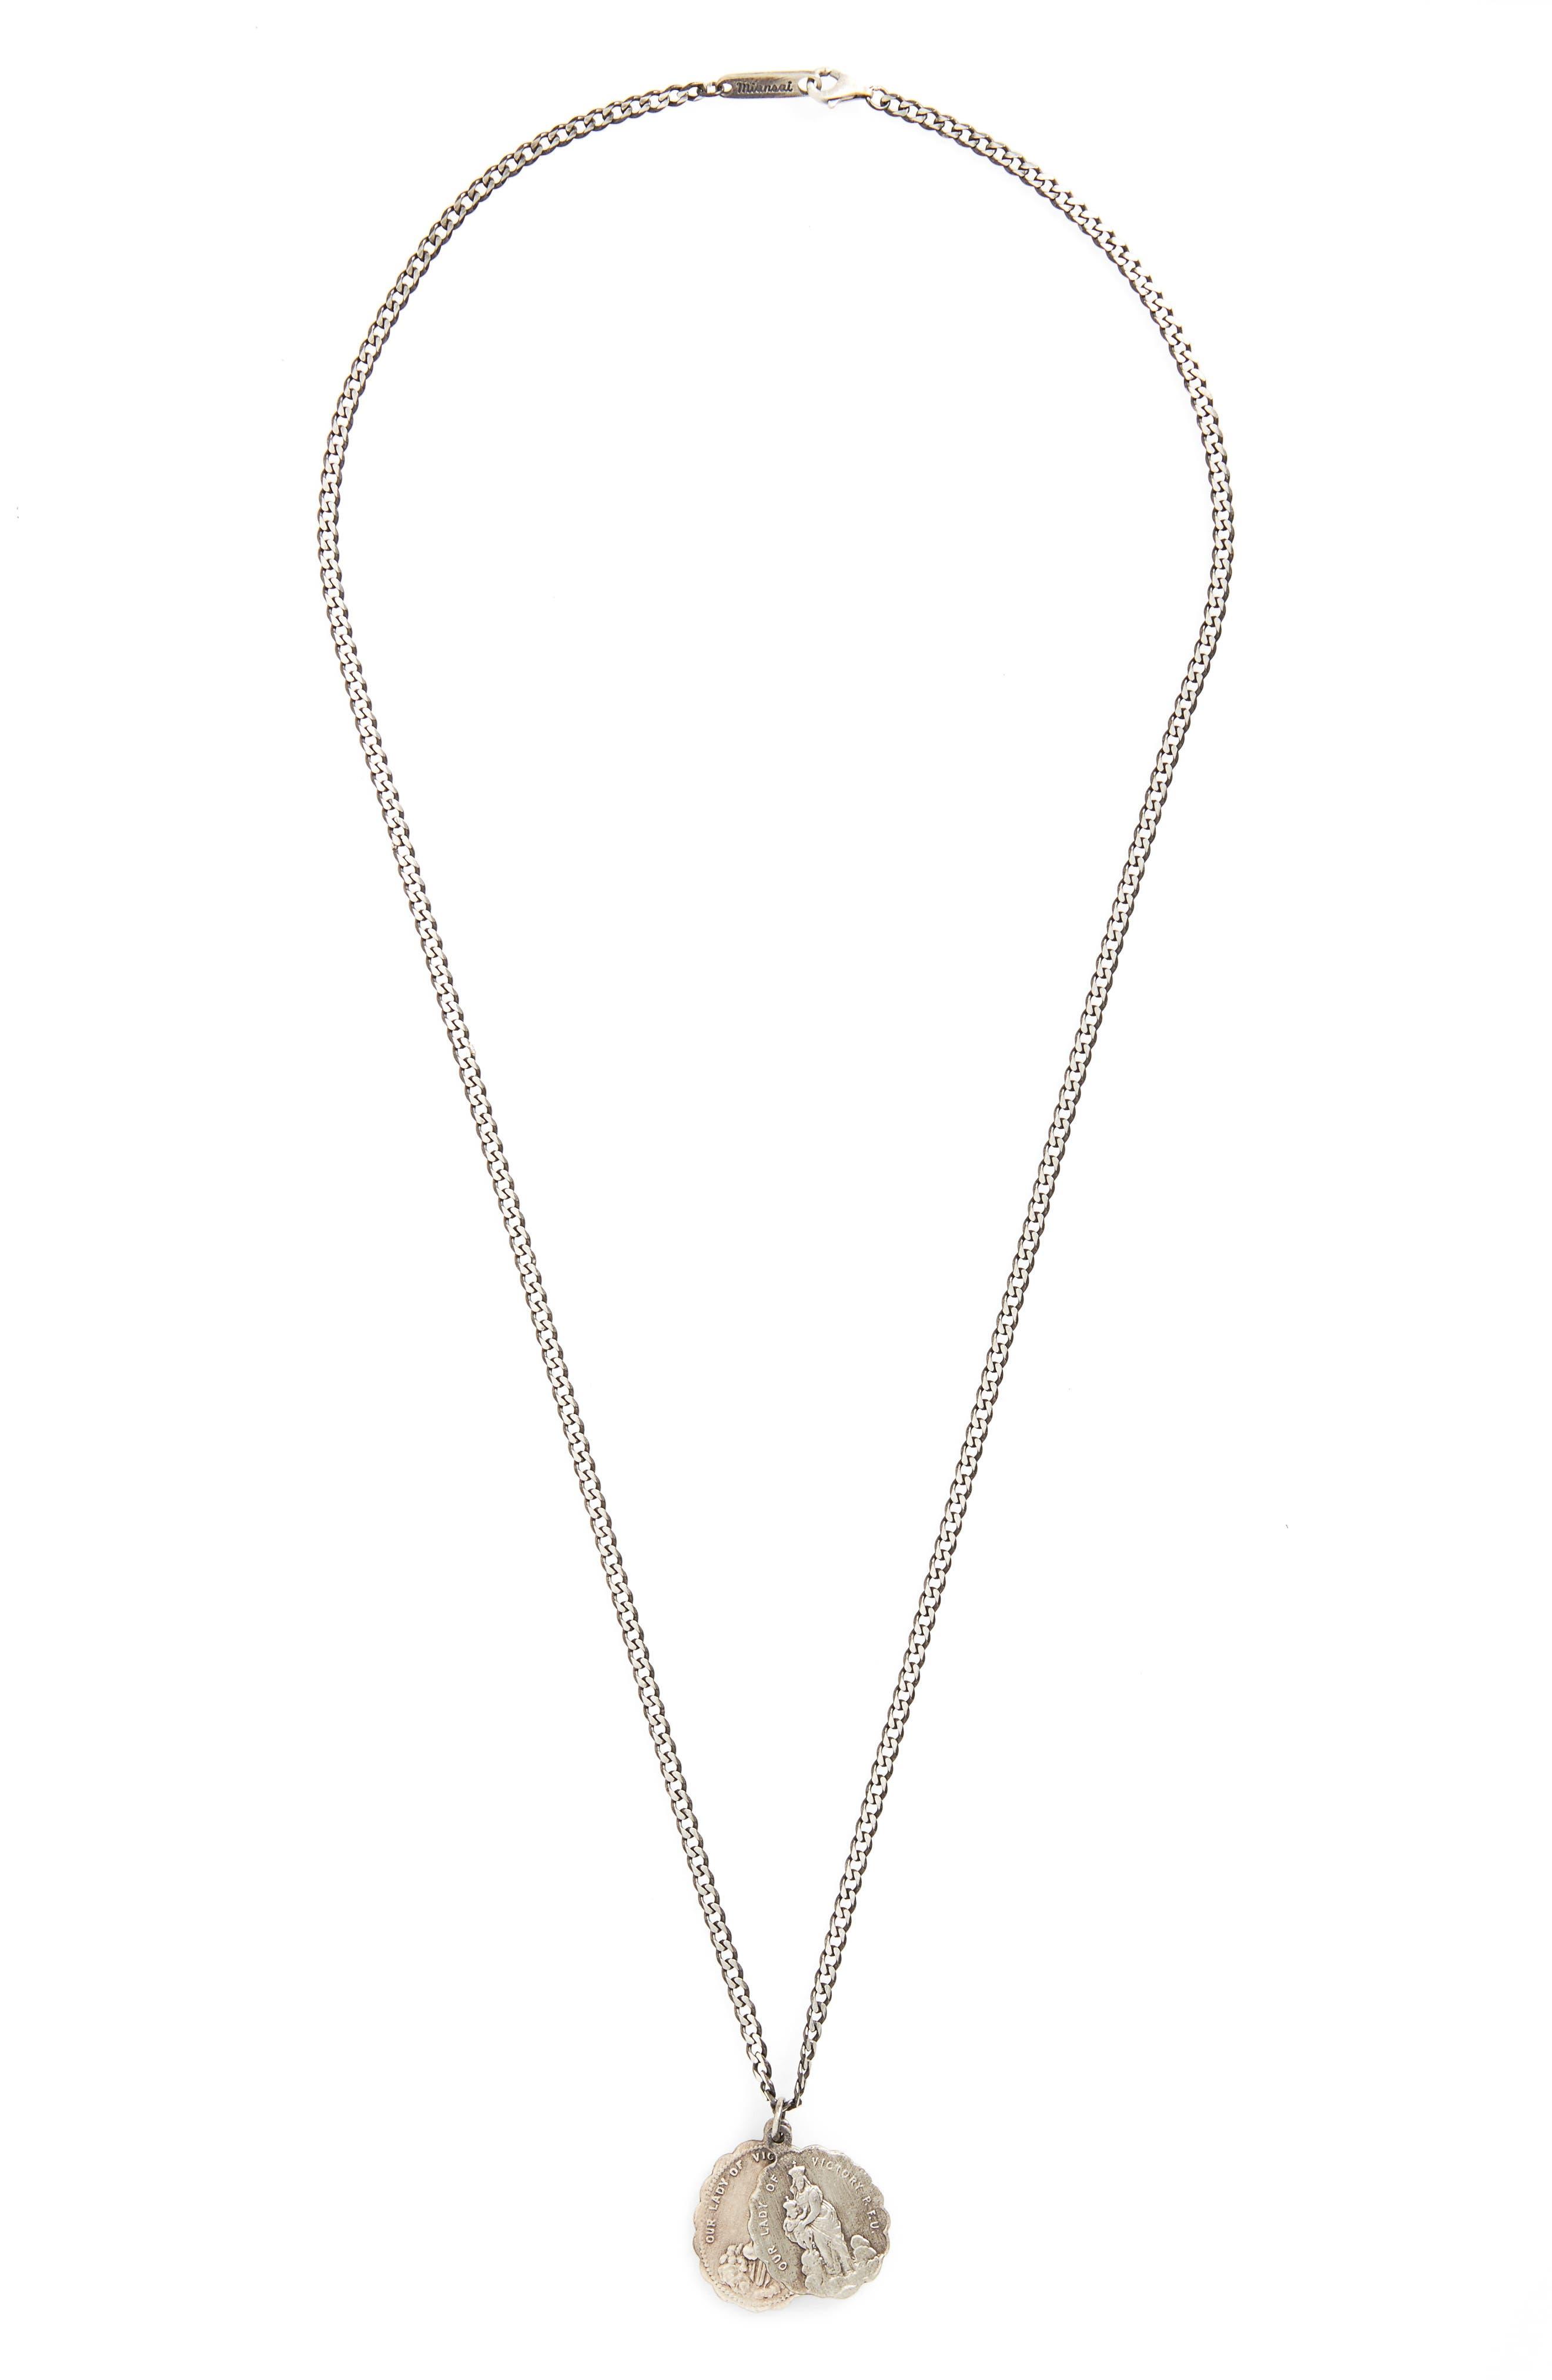 MIANSAI 'Saints' Pendant Necklace, Main, color, SILVER